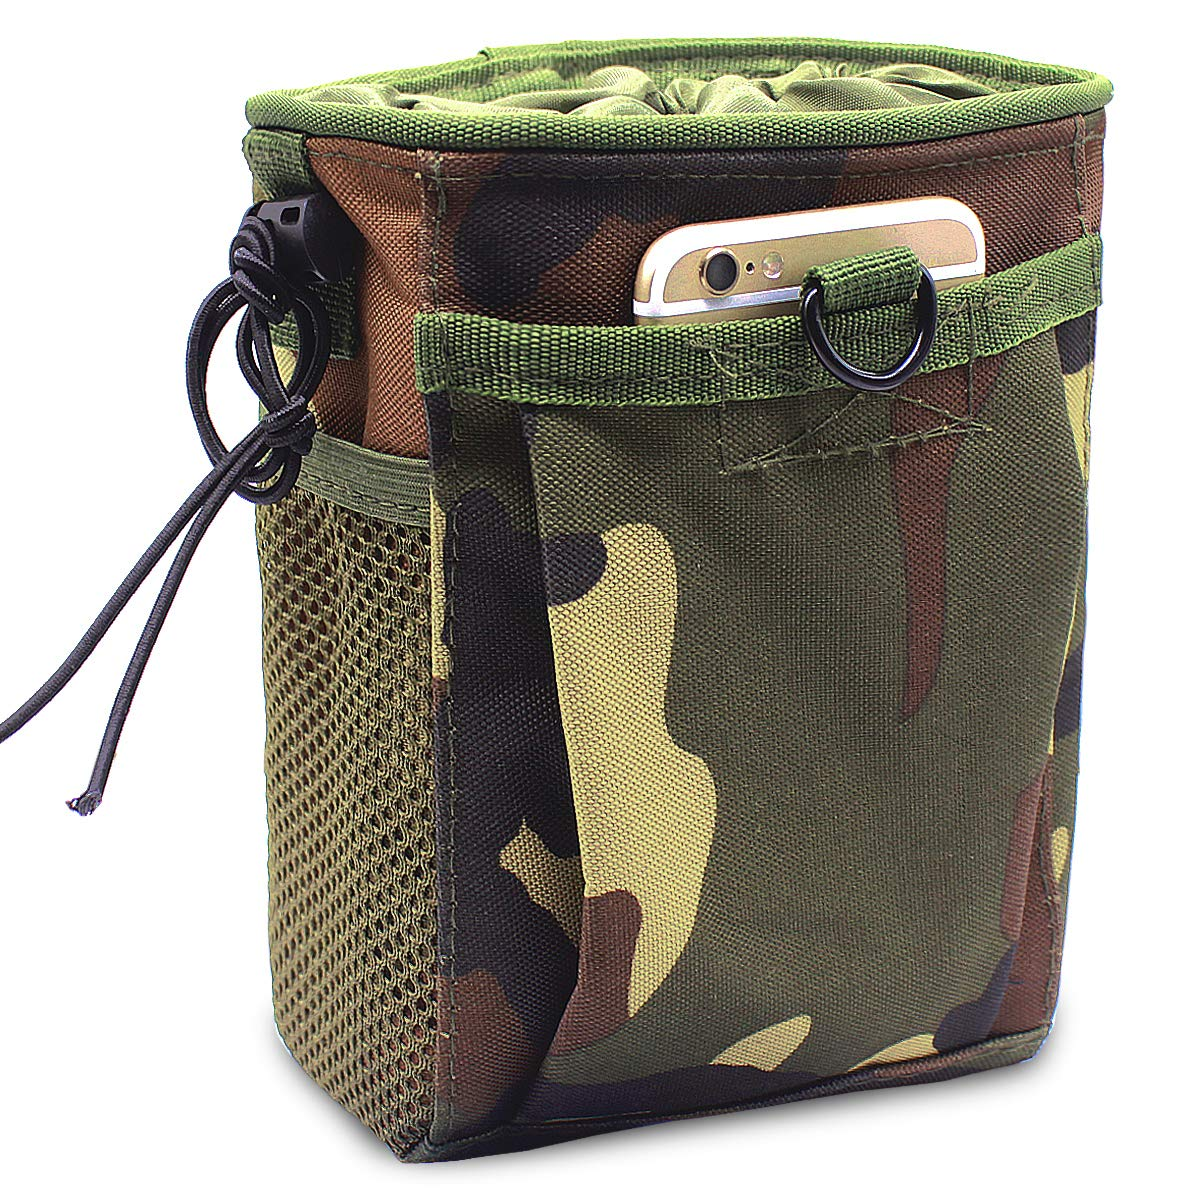 Fodlon Bolso de colecci/ón al Aire Libre Multifuncional Bolso de la Cintura con cintur/ón de Ajuste Accesorios de 800D Oxford